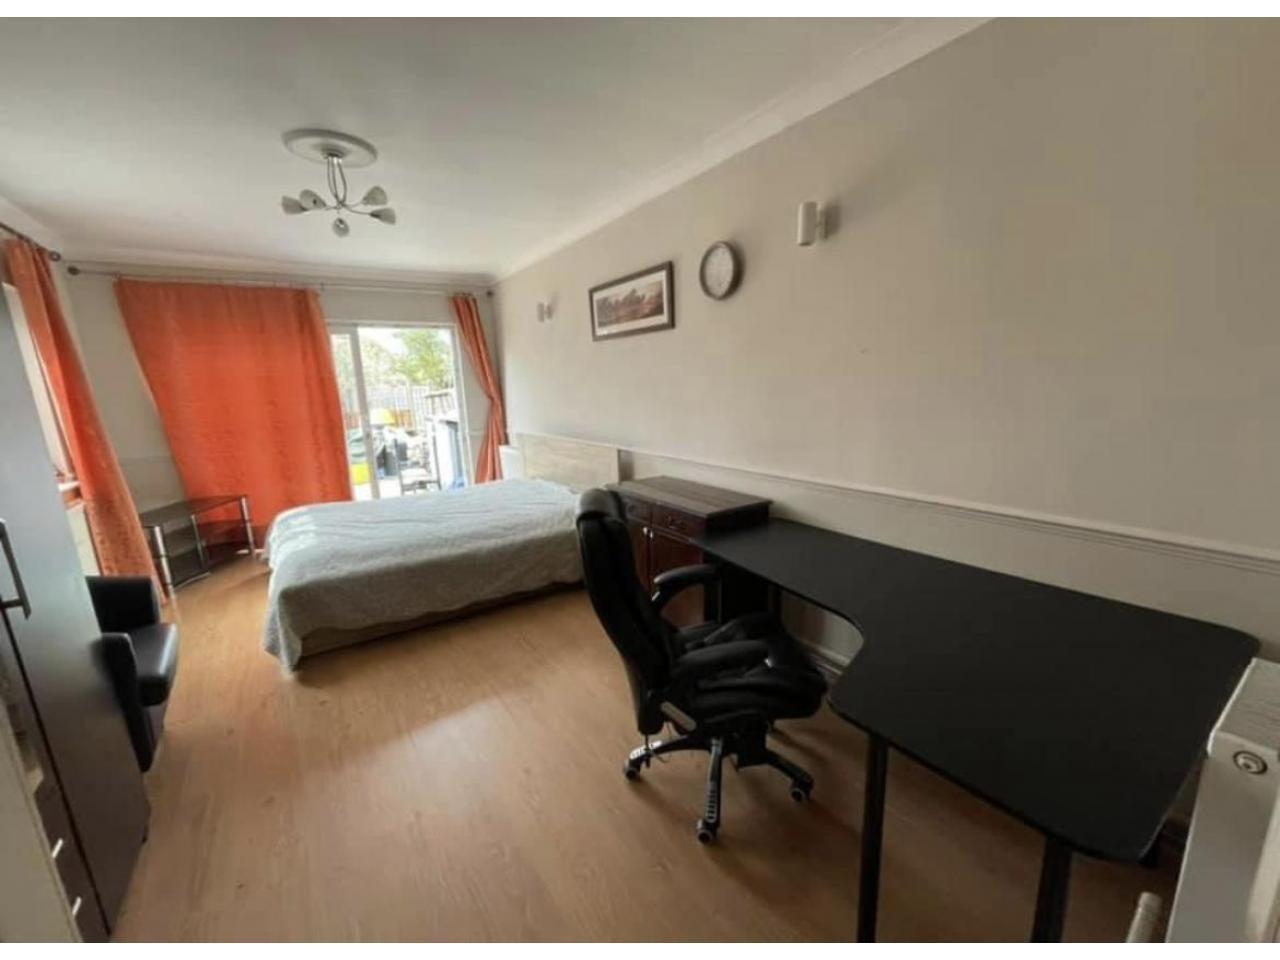 Дабл комната в Hayes Town - West London - 1